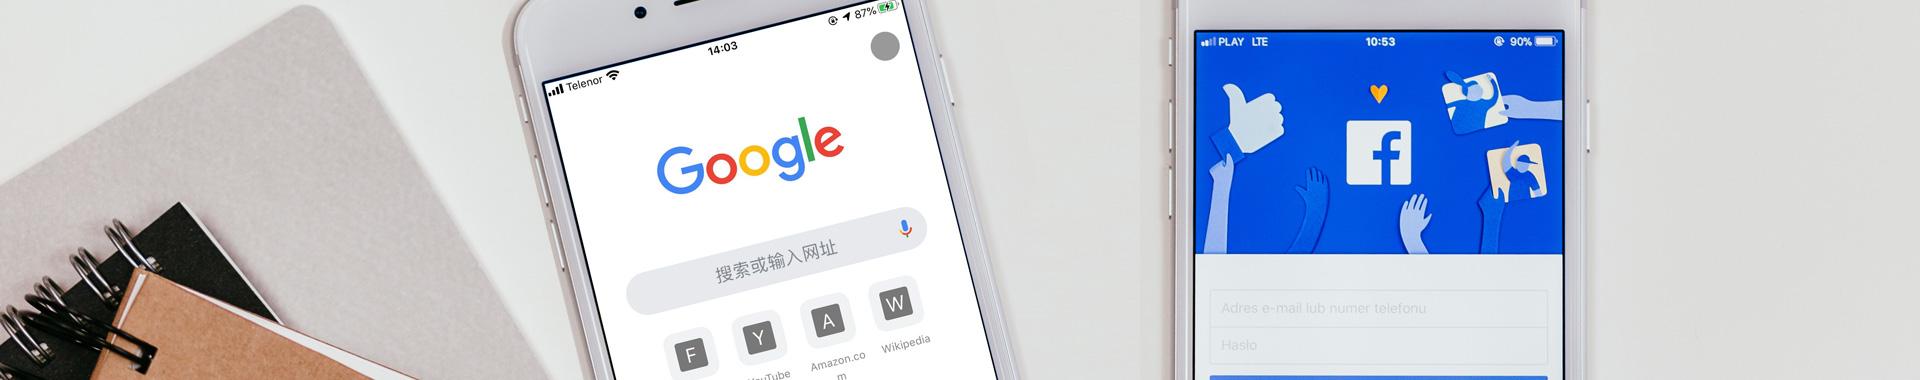 香港谷歌推廣_網路推廣_網頁推廣_app推廣_網站推銷_網路營銷